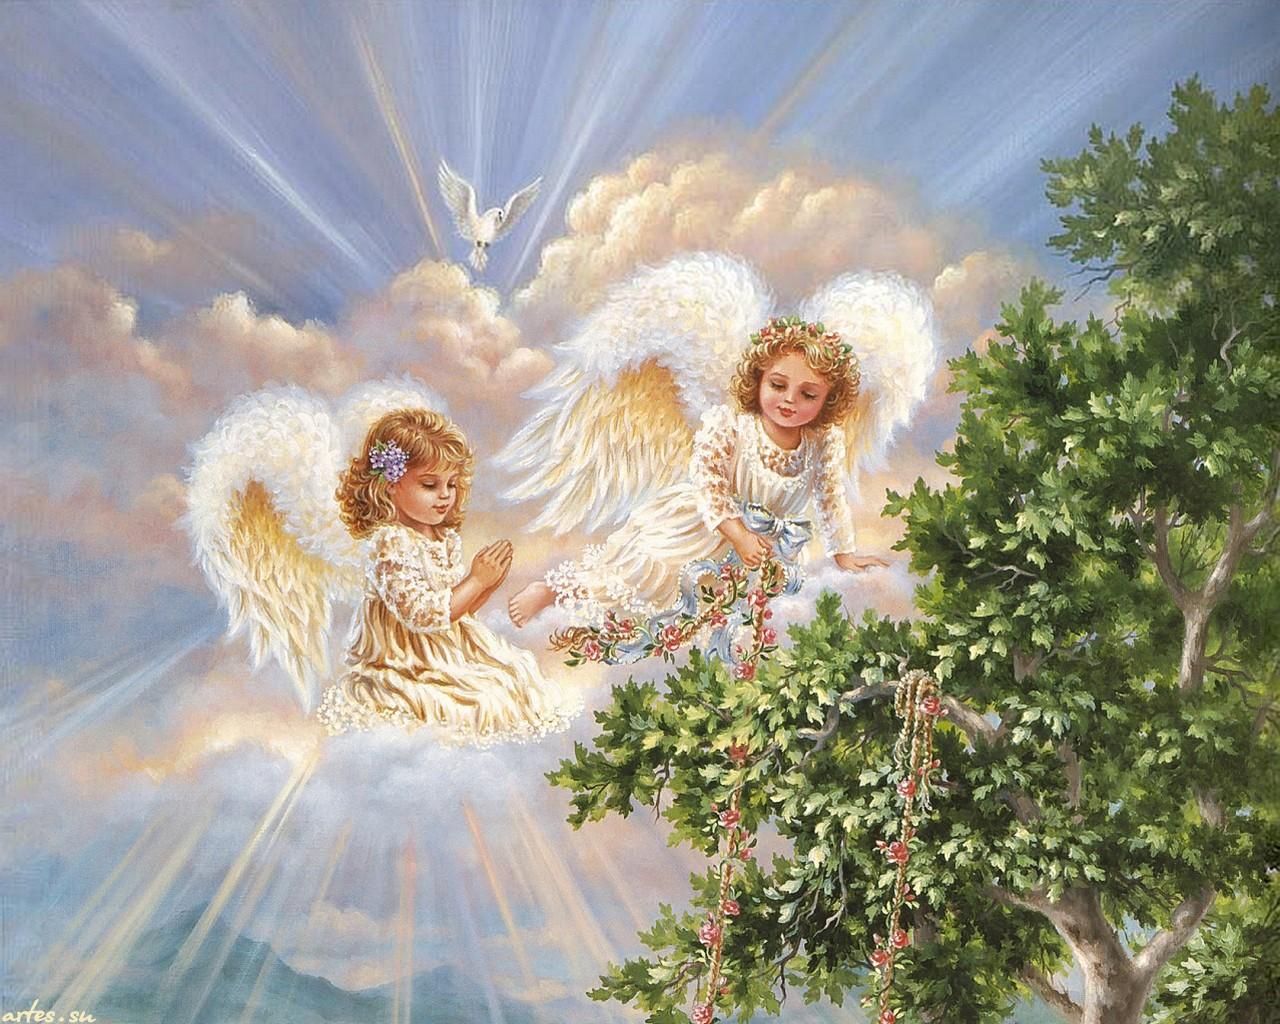 Скачать обои ангелы в небе dona gelsinger